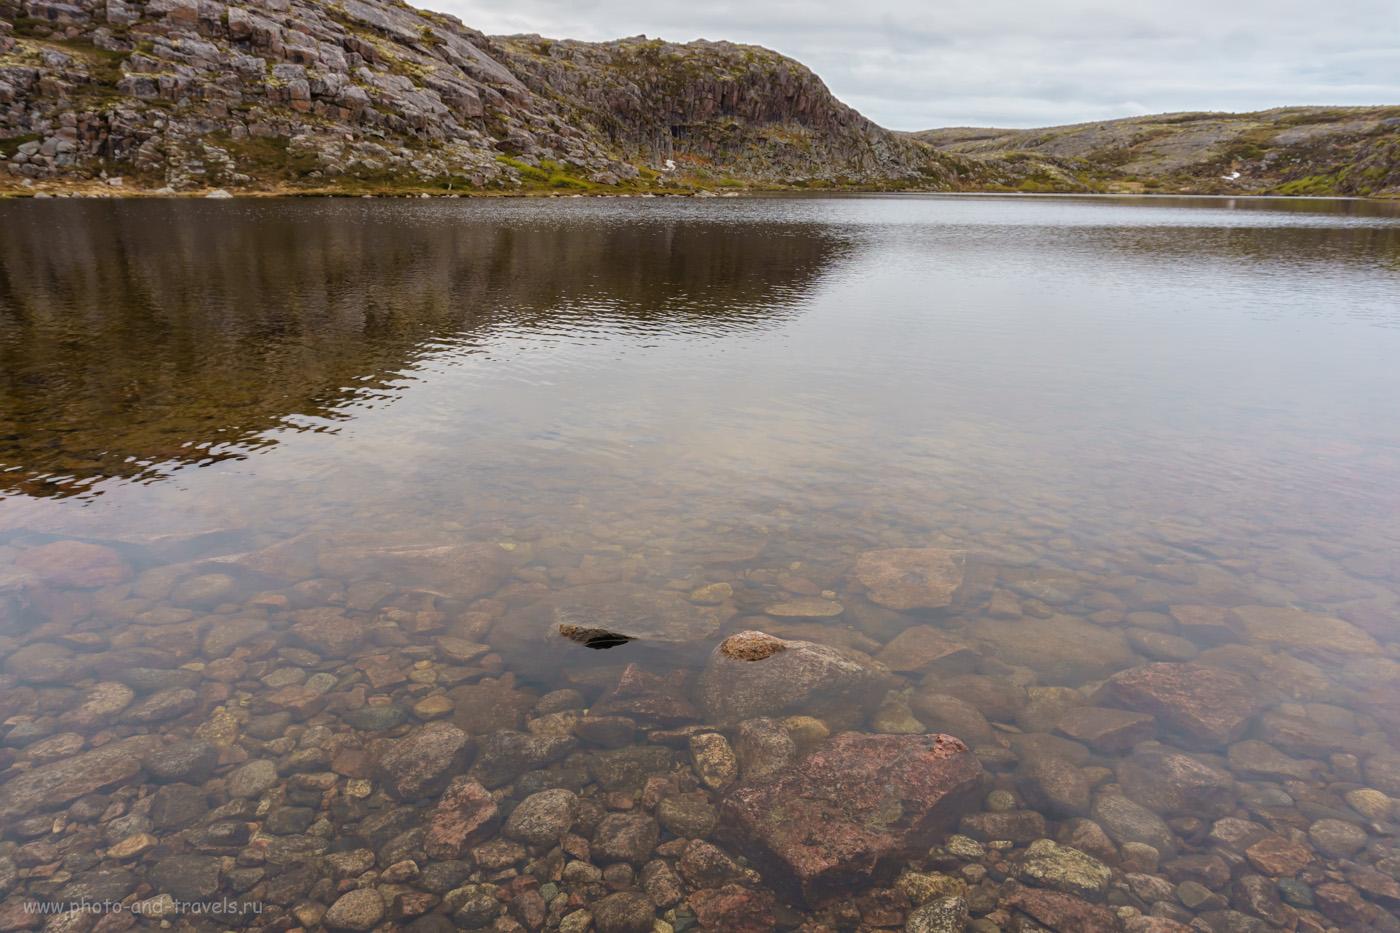 Фотография 38. Озеро малое Батарейское. Возможно, по правой стороне находится тропа к батарее береговой обороны №199.